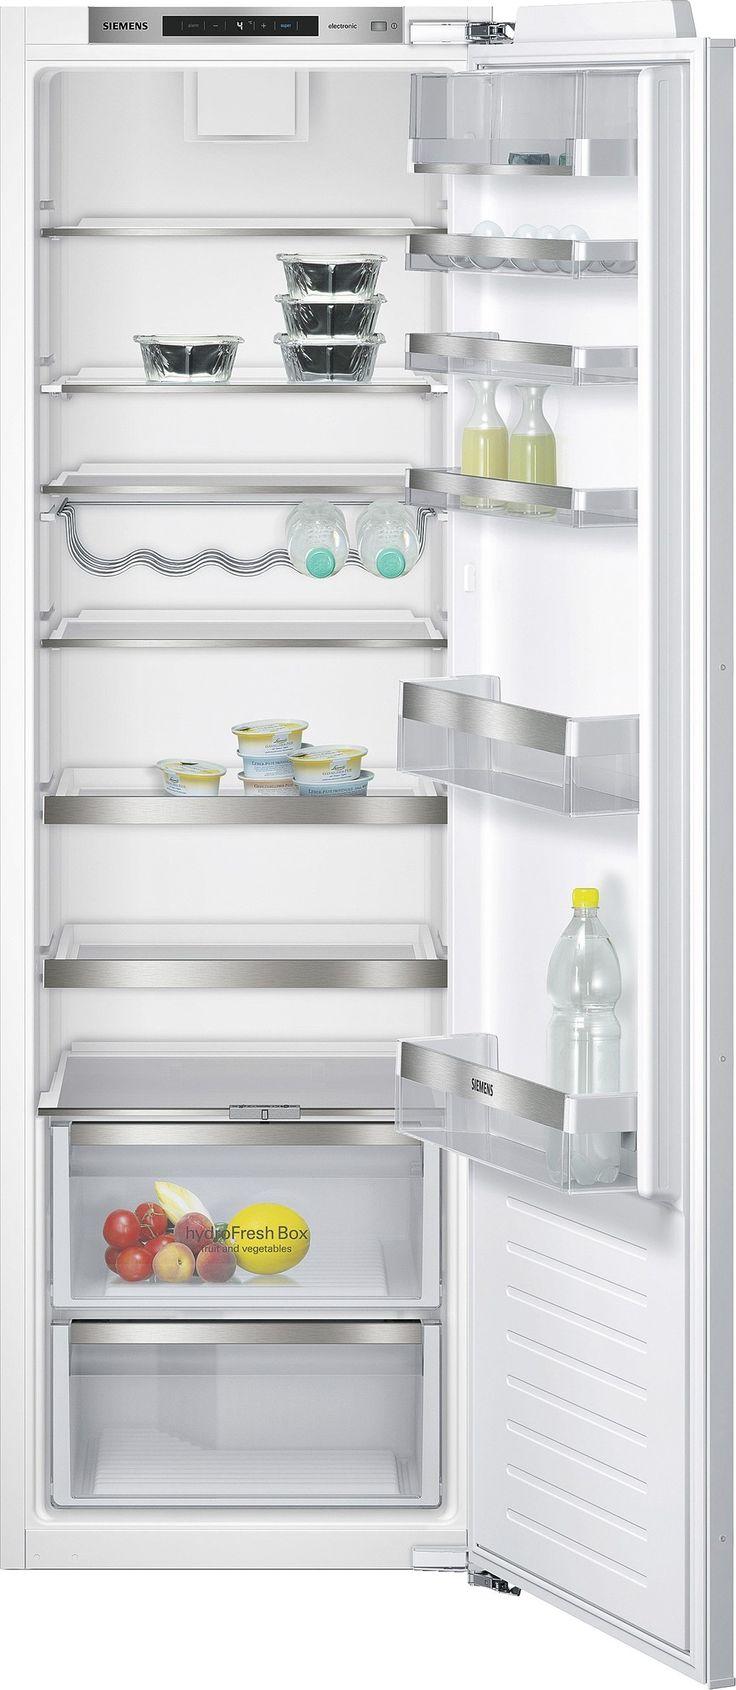 Siemens integrert kjøleskap